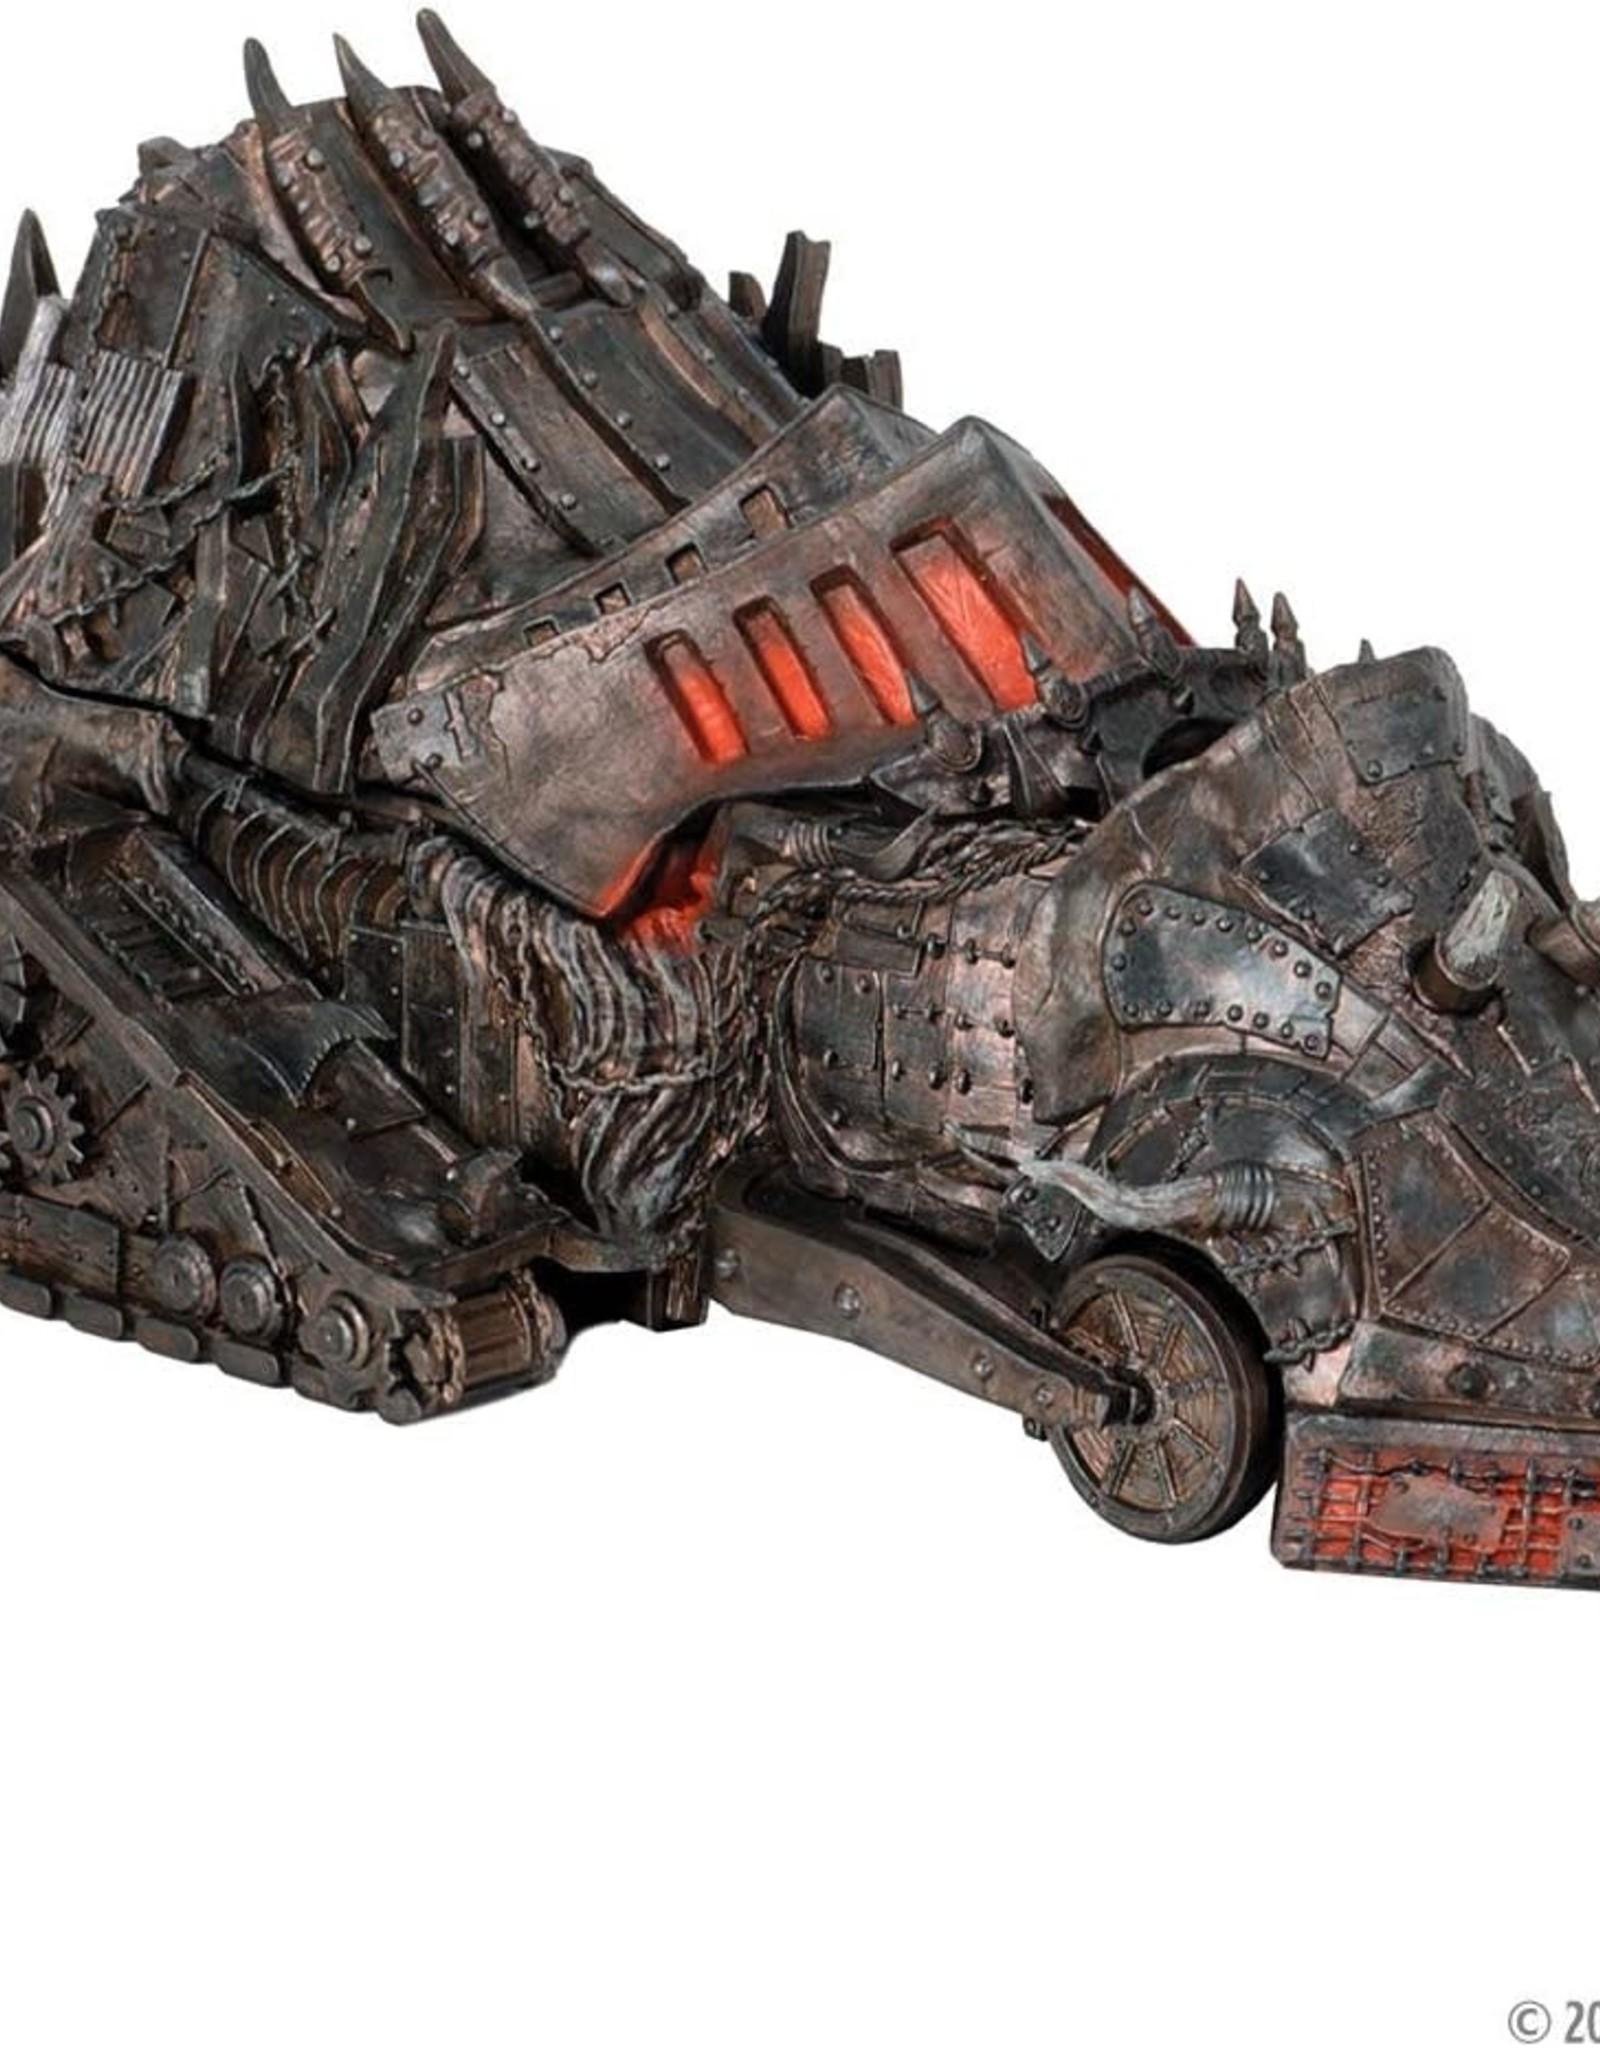 Wizkids D&D Miniatures: Infernal War Machine